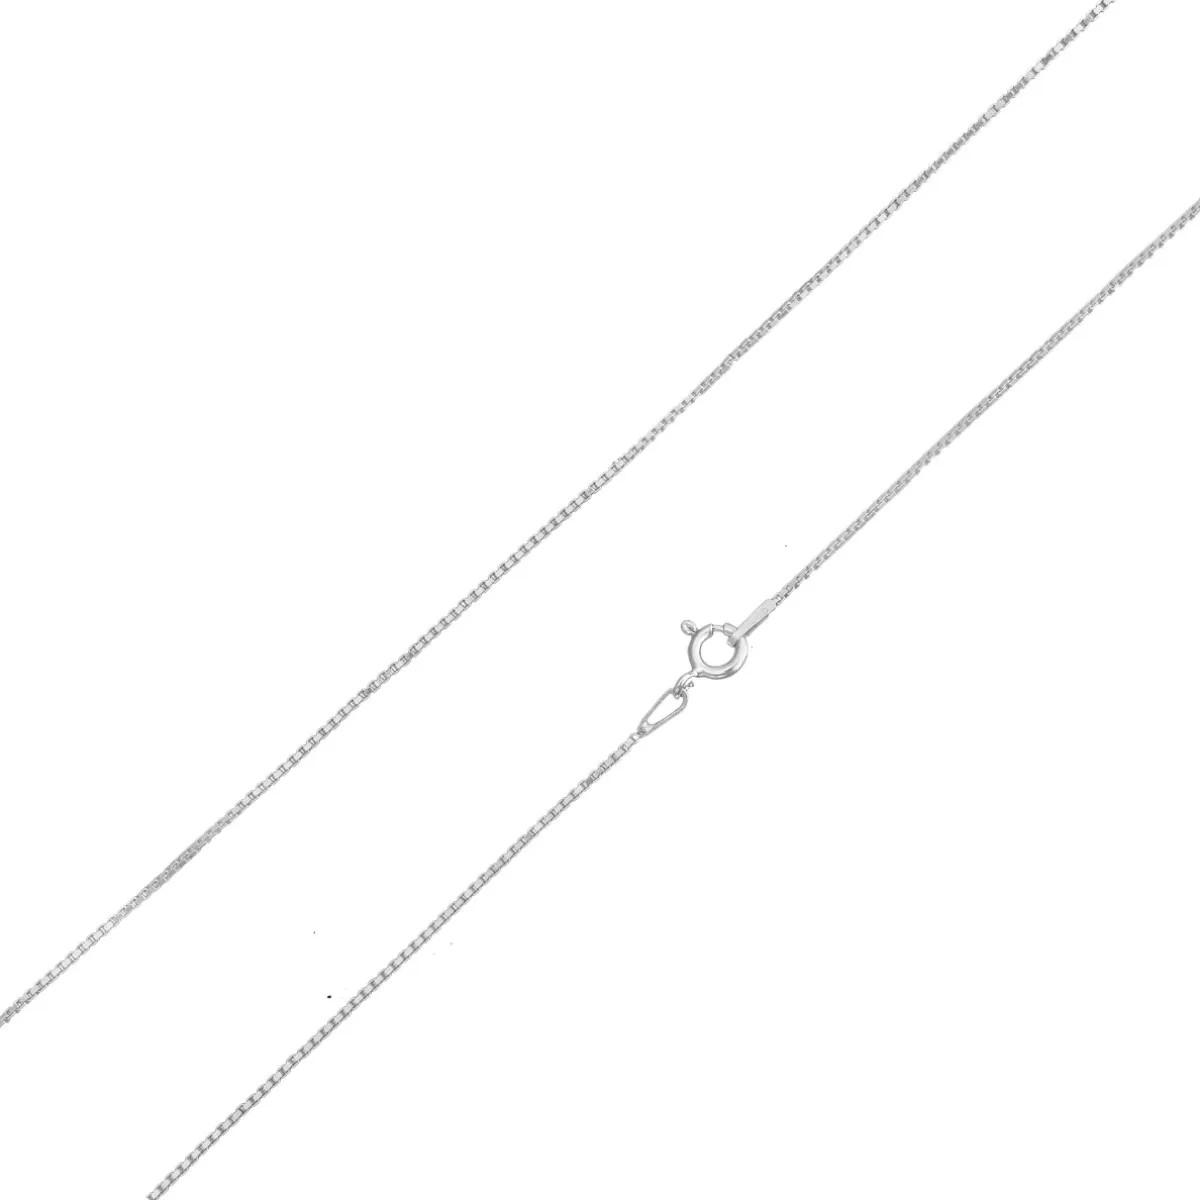 Cordão Corrente Veneziana Fina 70cm Prata 925